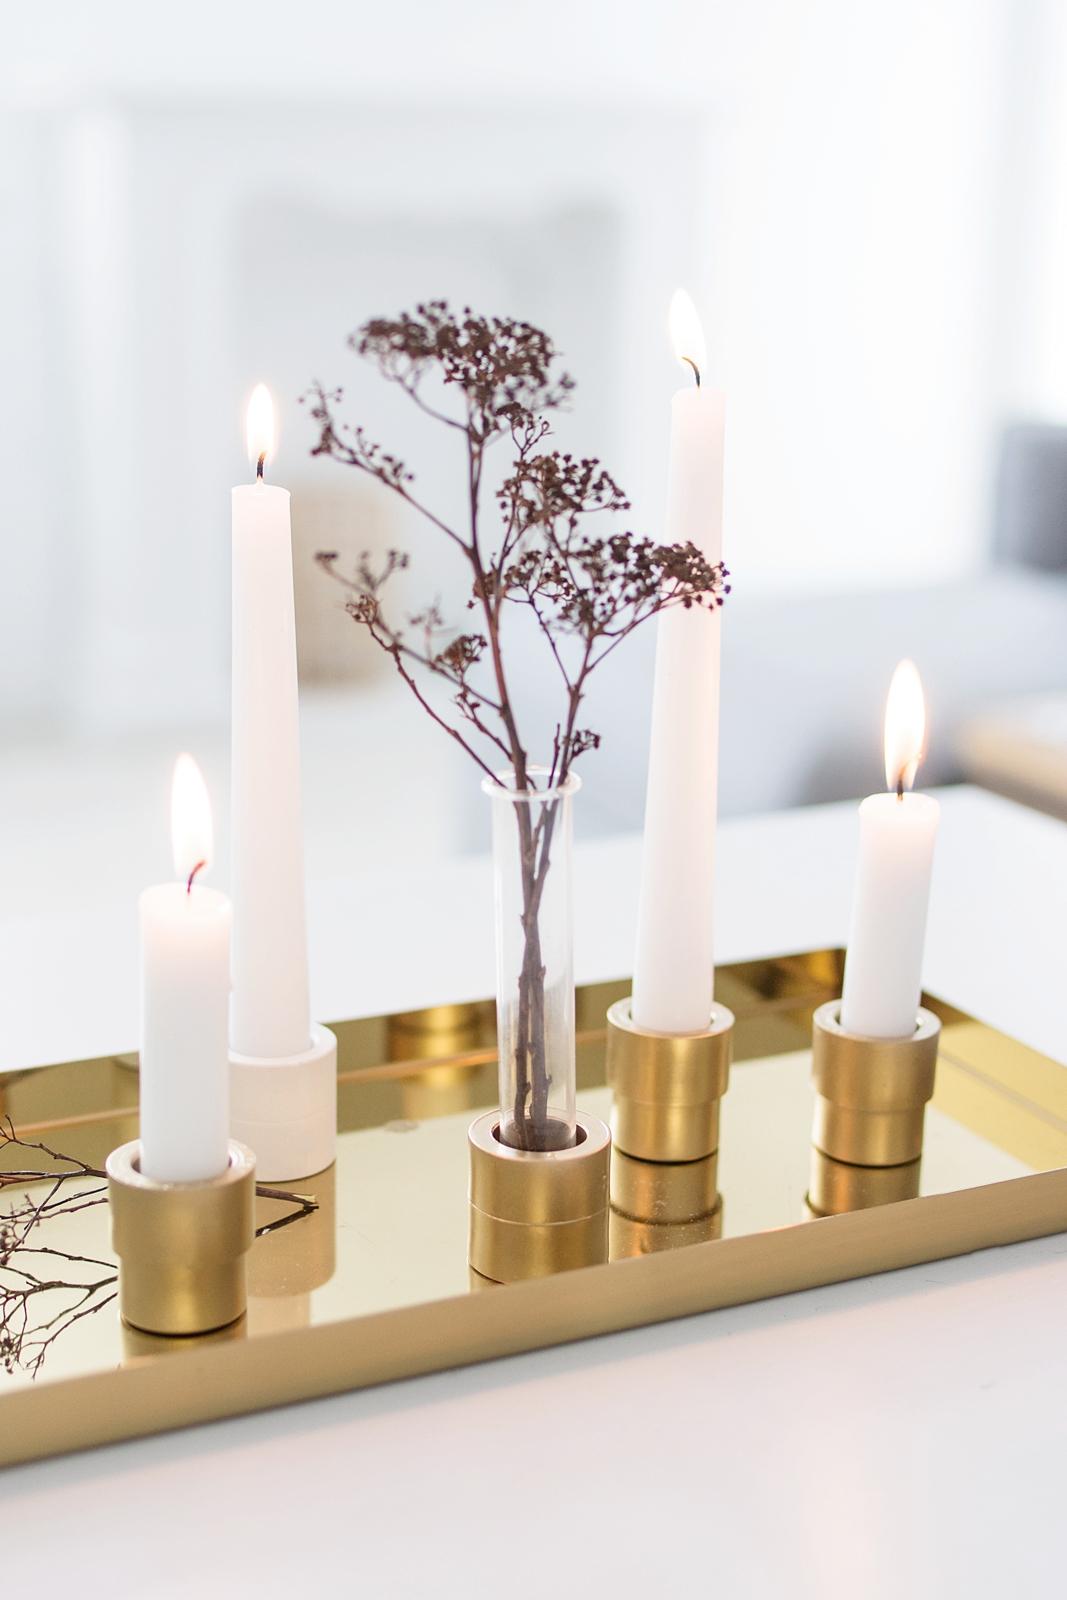 Schlichte Deko-Idee für den Januar + DIY Kerzenhalter